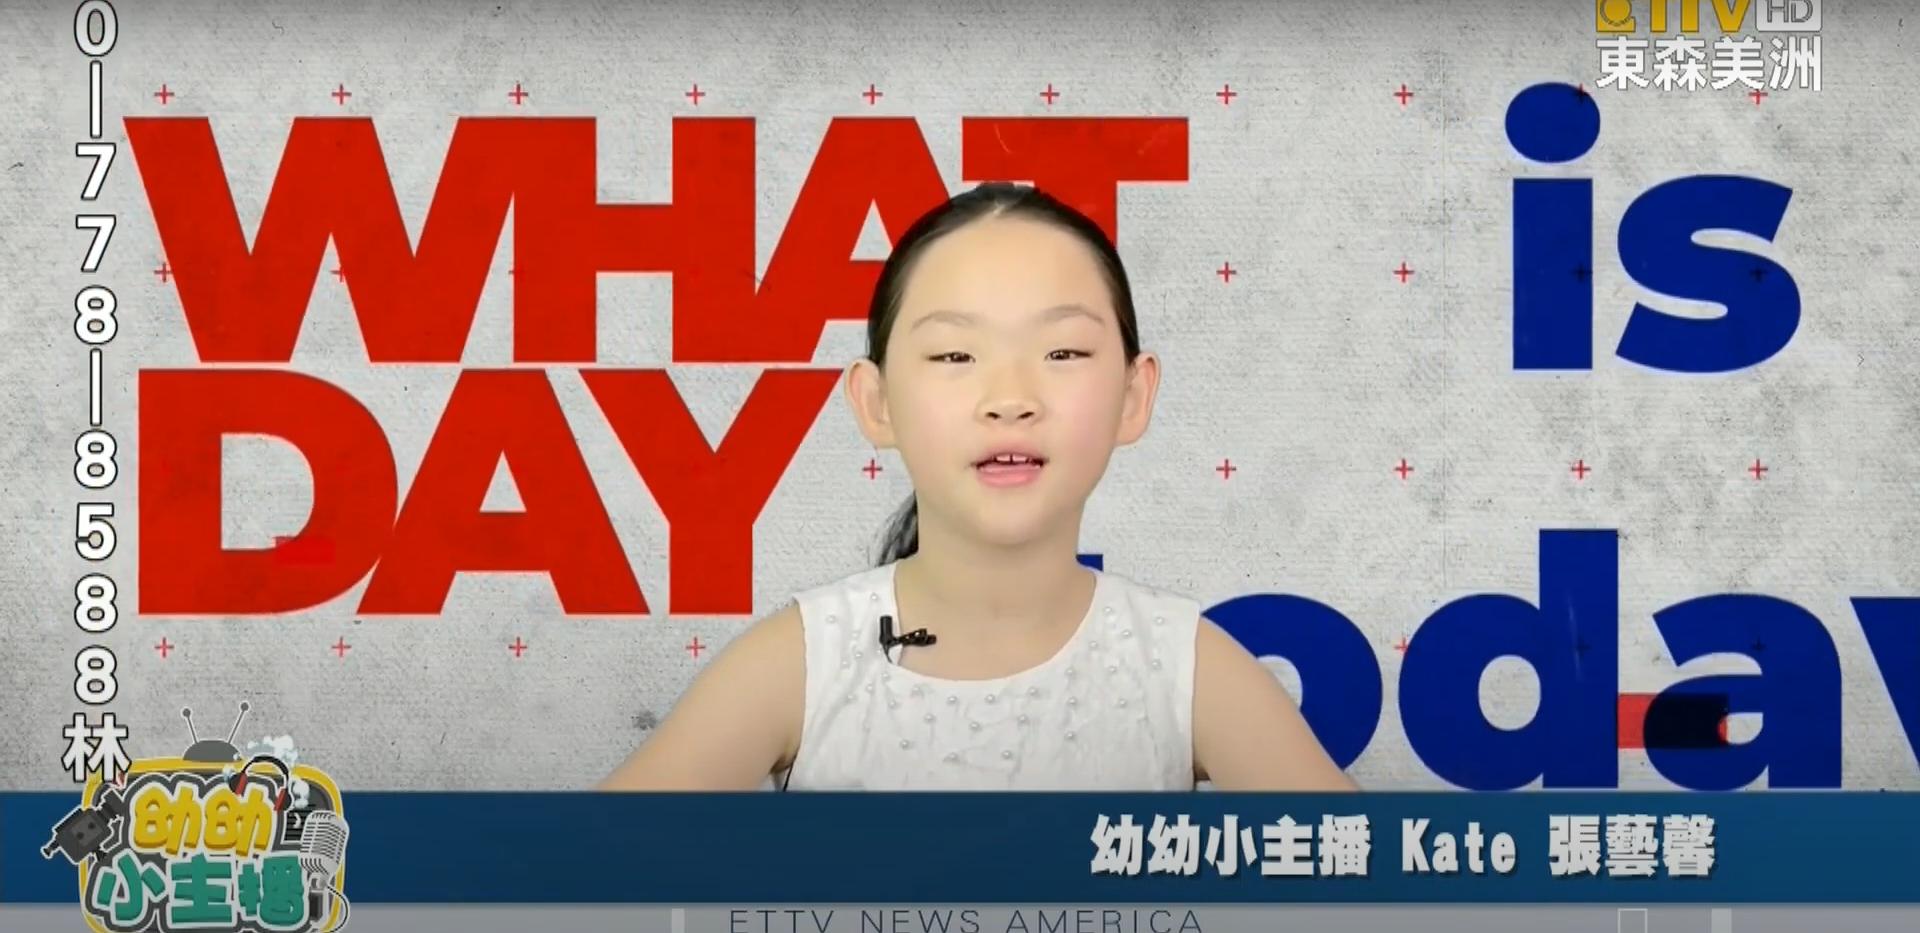 小主播Kate:7月13日「國家薯條日」薯條各國念法大不同